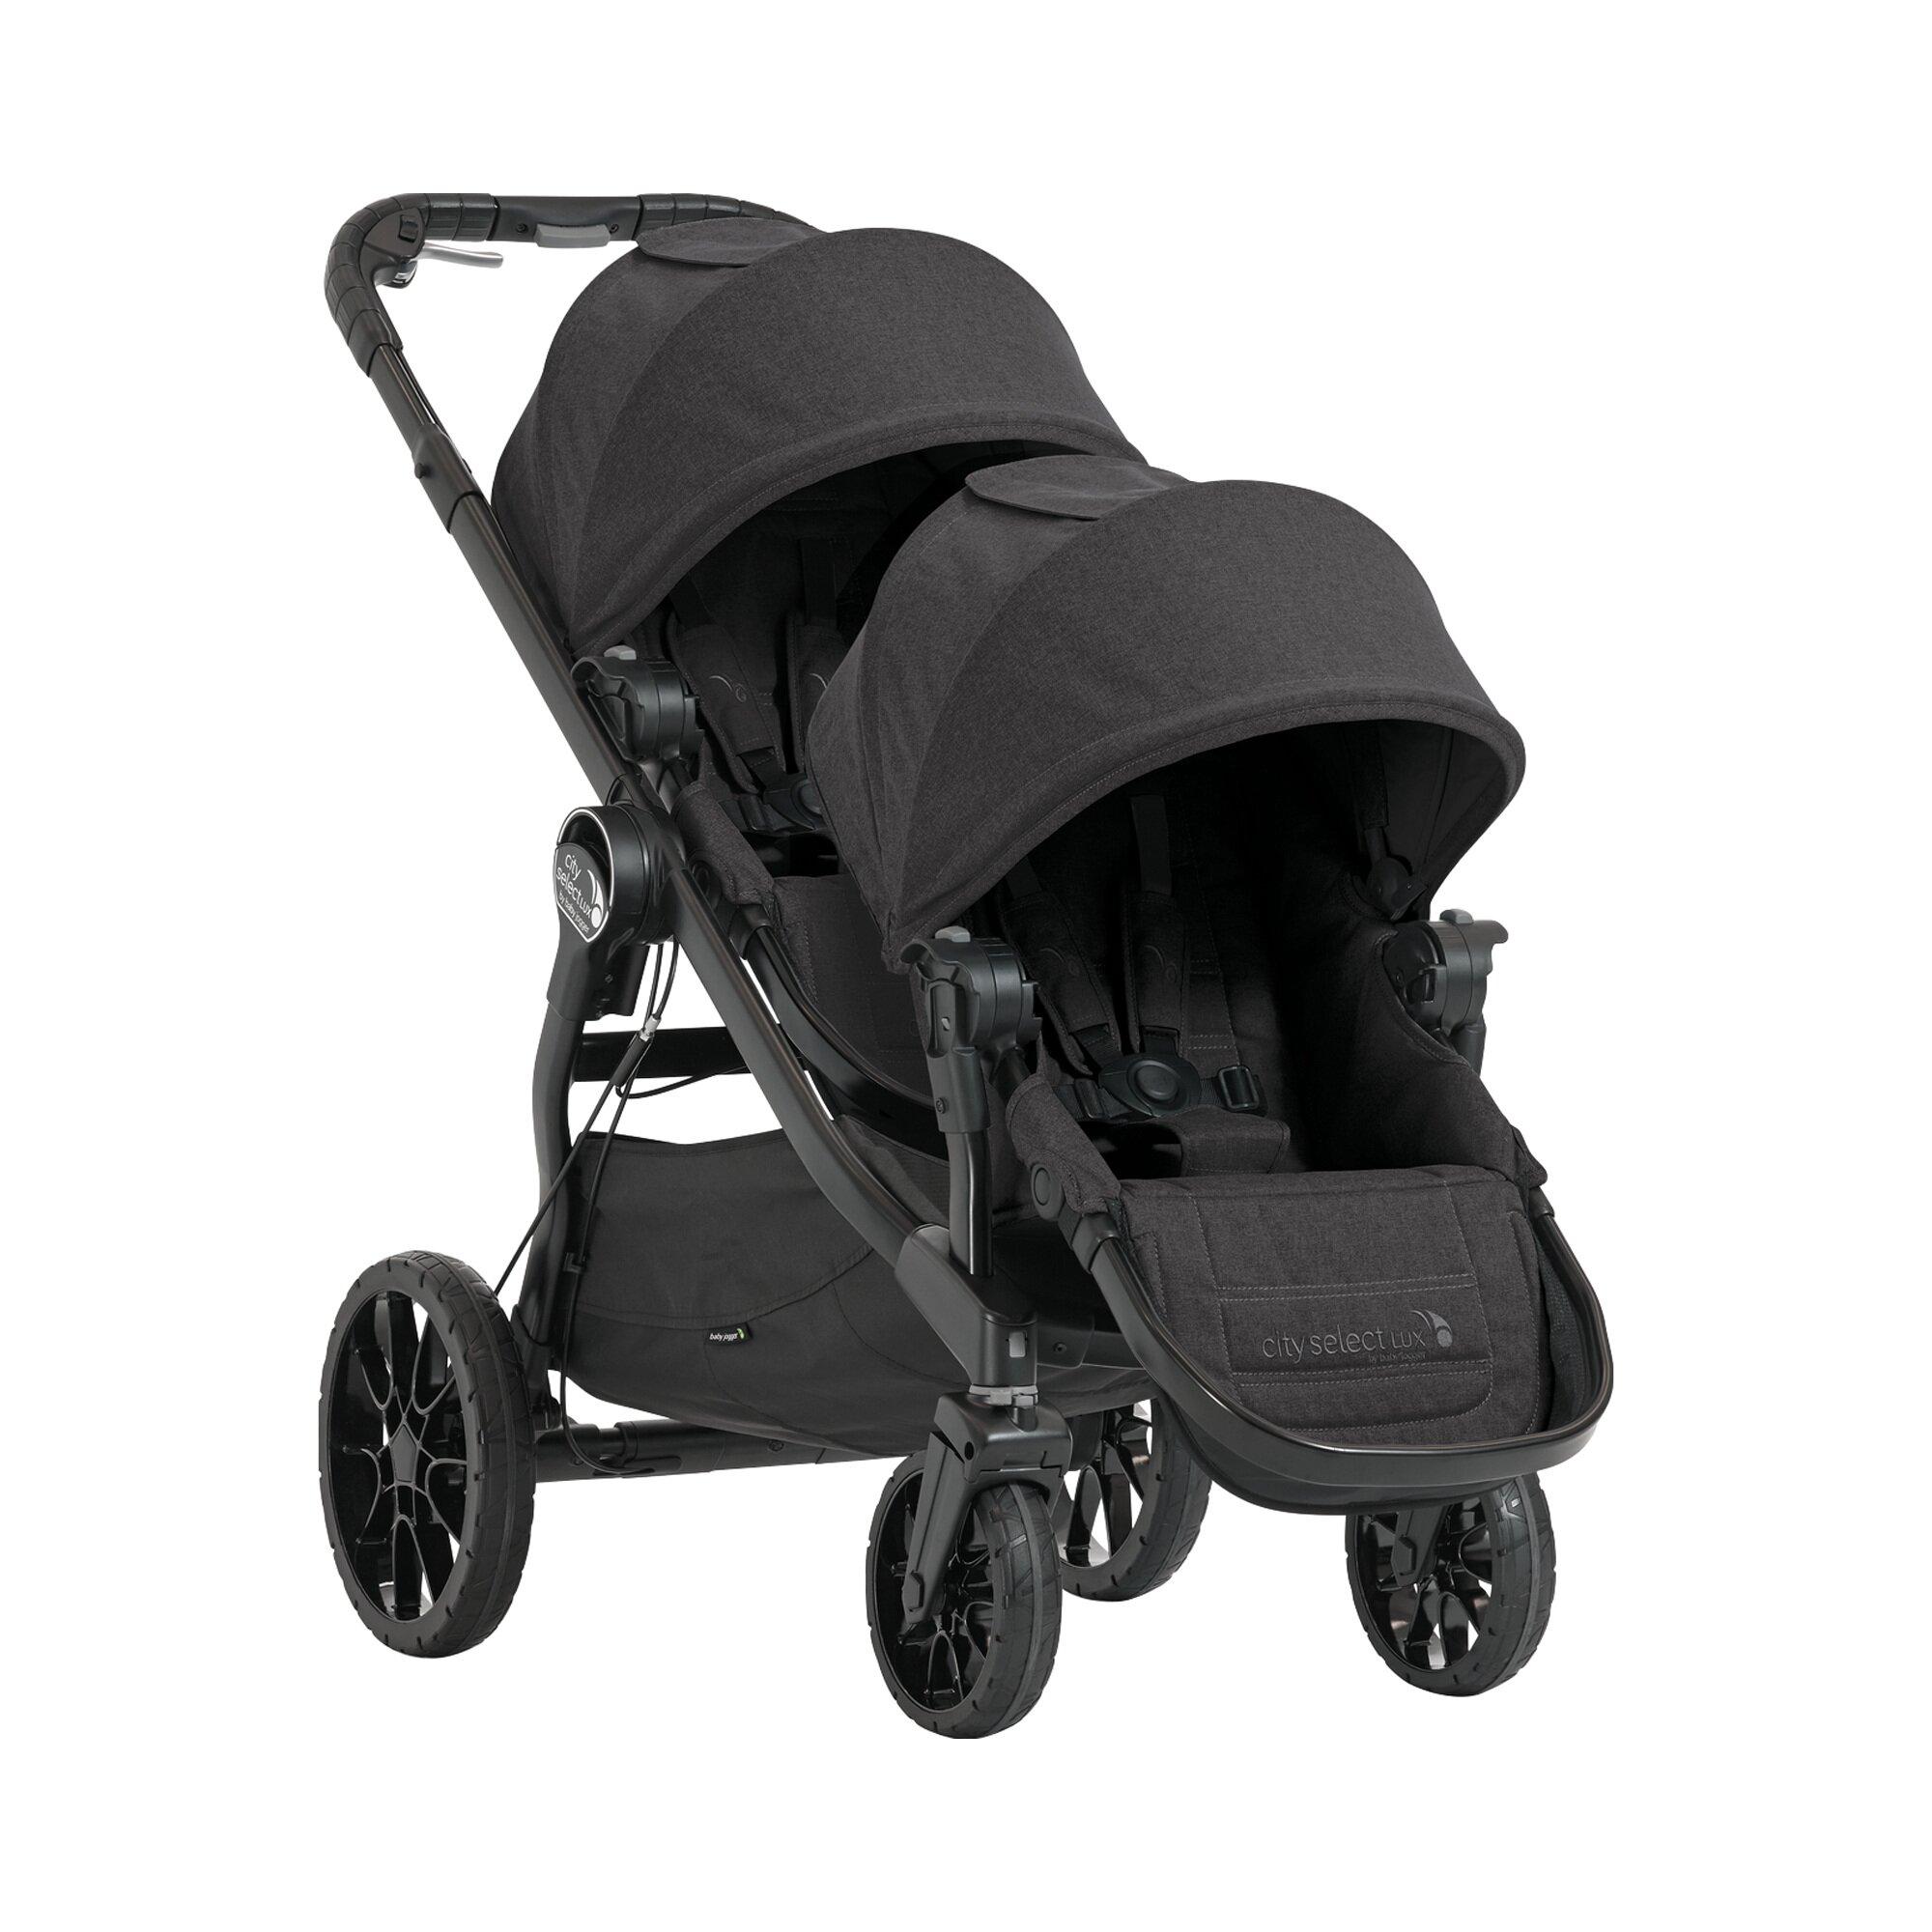 baby-kinderwagen-jogger-city-select-lux-zweitsitz-schwarz